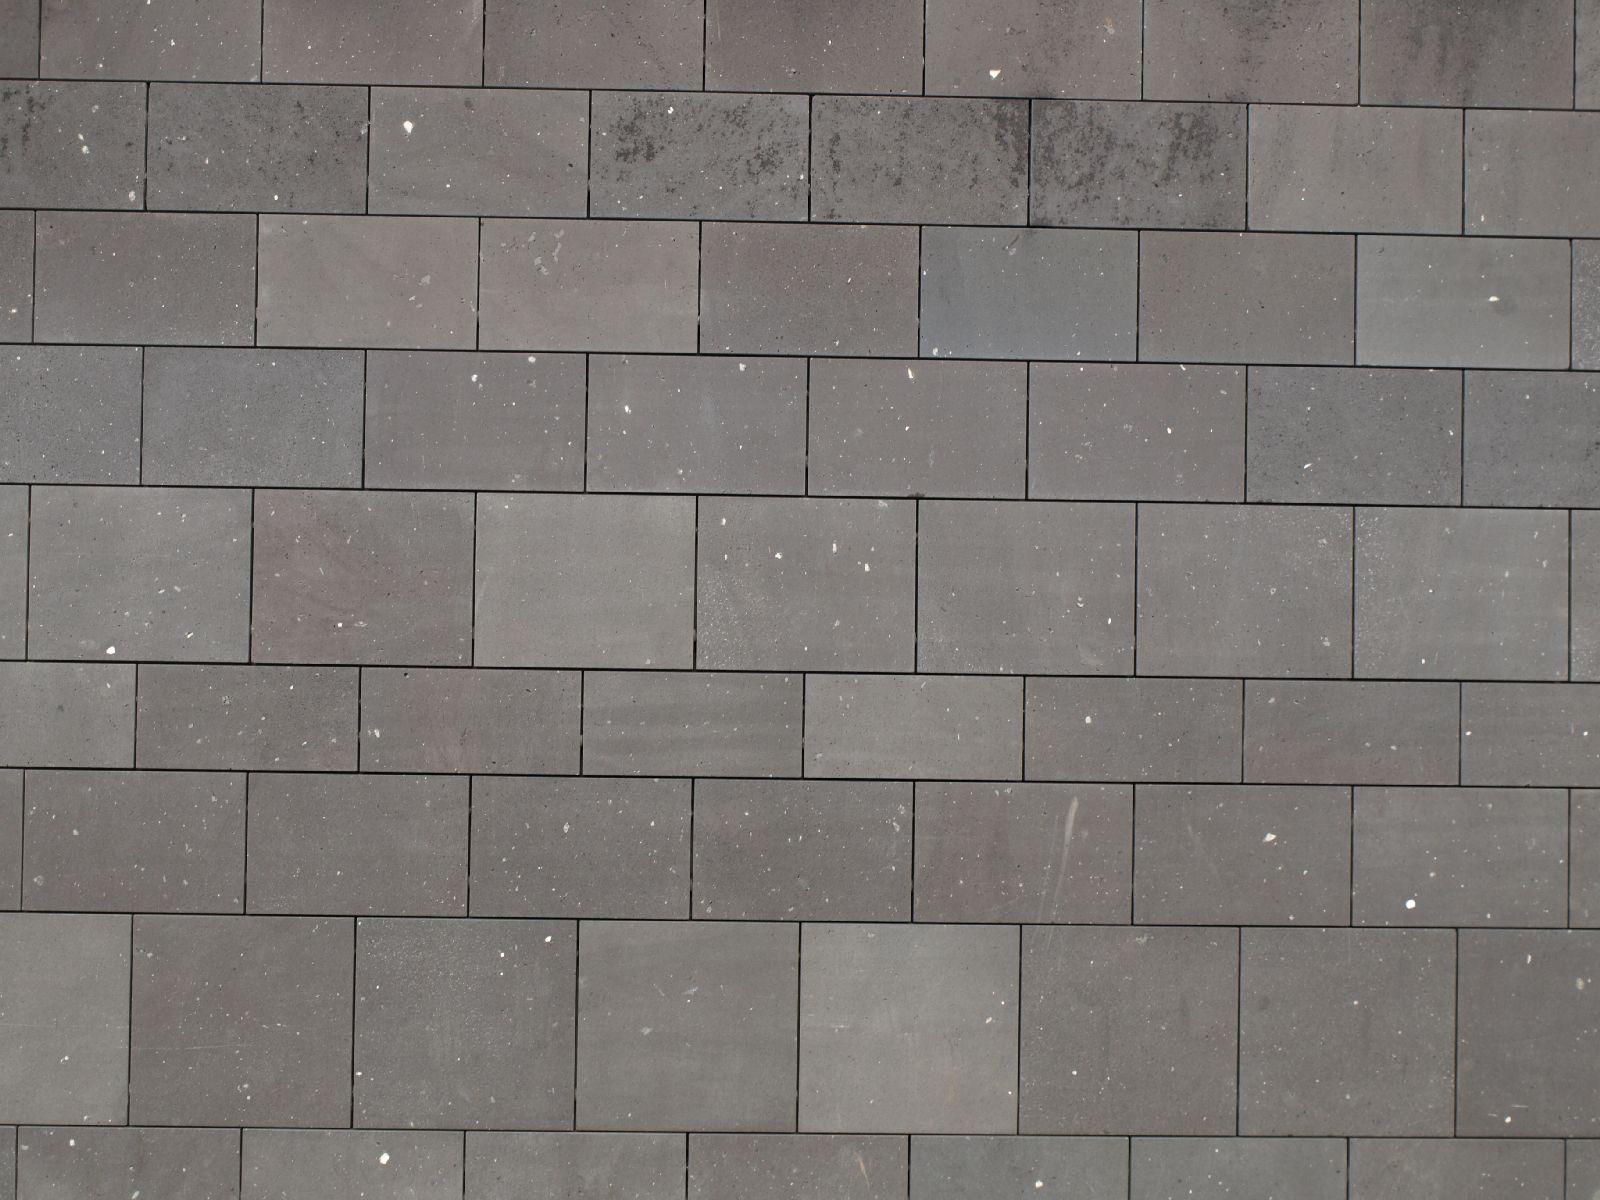 Ground-Urban_Texture_A_P5313133